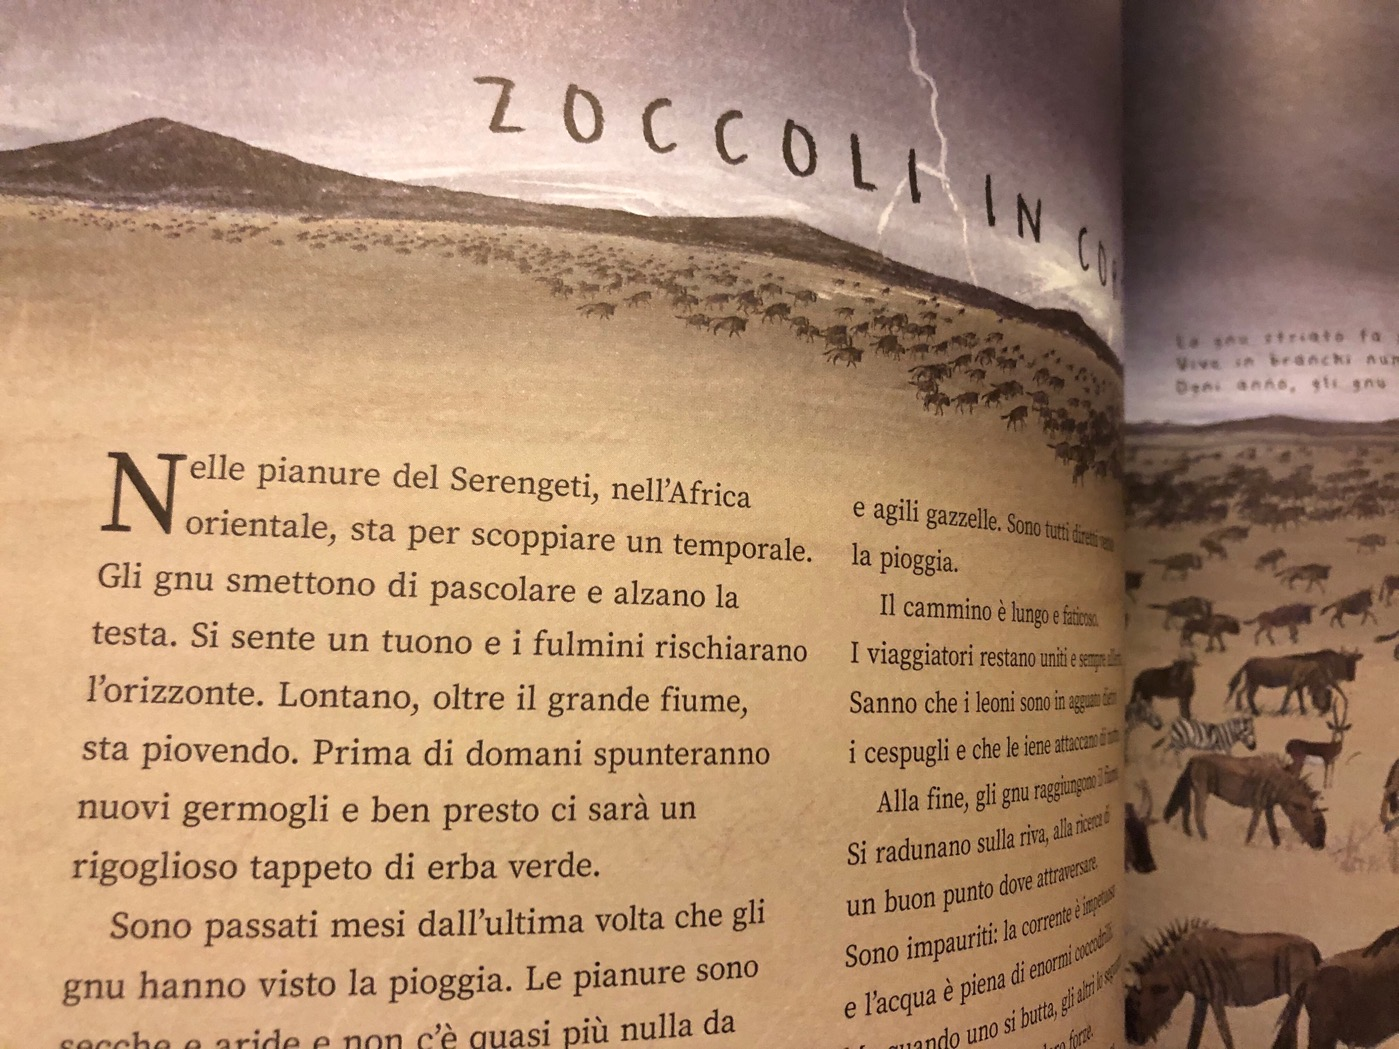 migrazioni-mike-unwin-jenni-desmond-editoriale-scienza_4